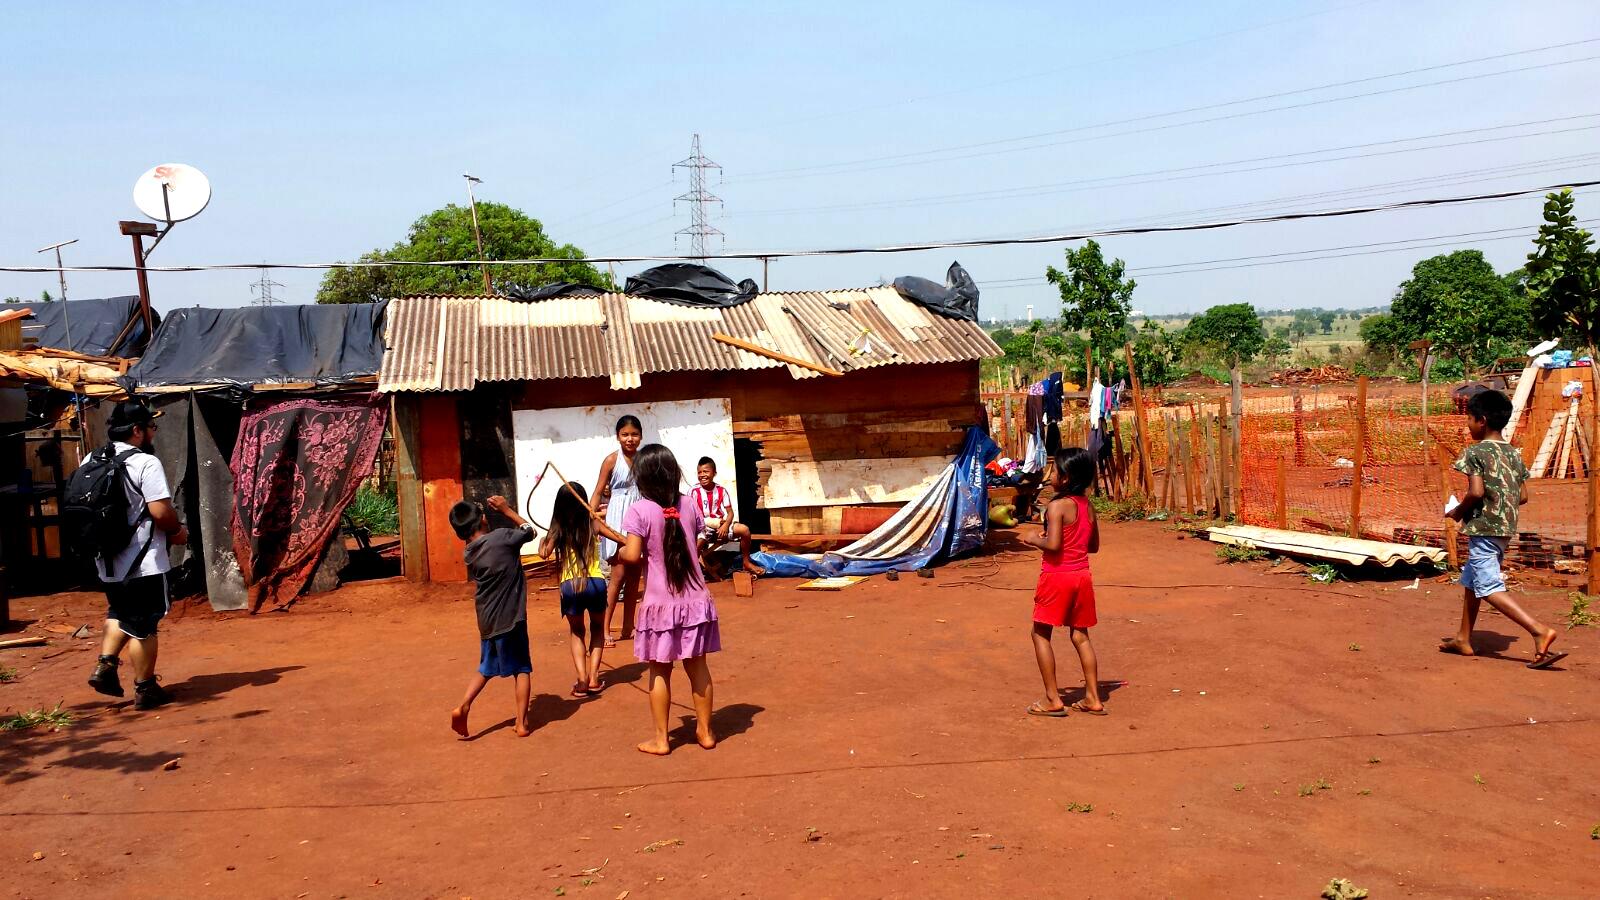 #MissãoEcumênica: primeira parada é numa ocupação indígena urbana